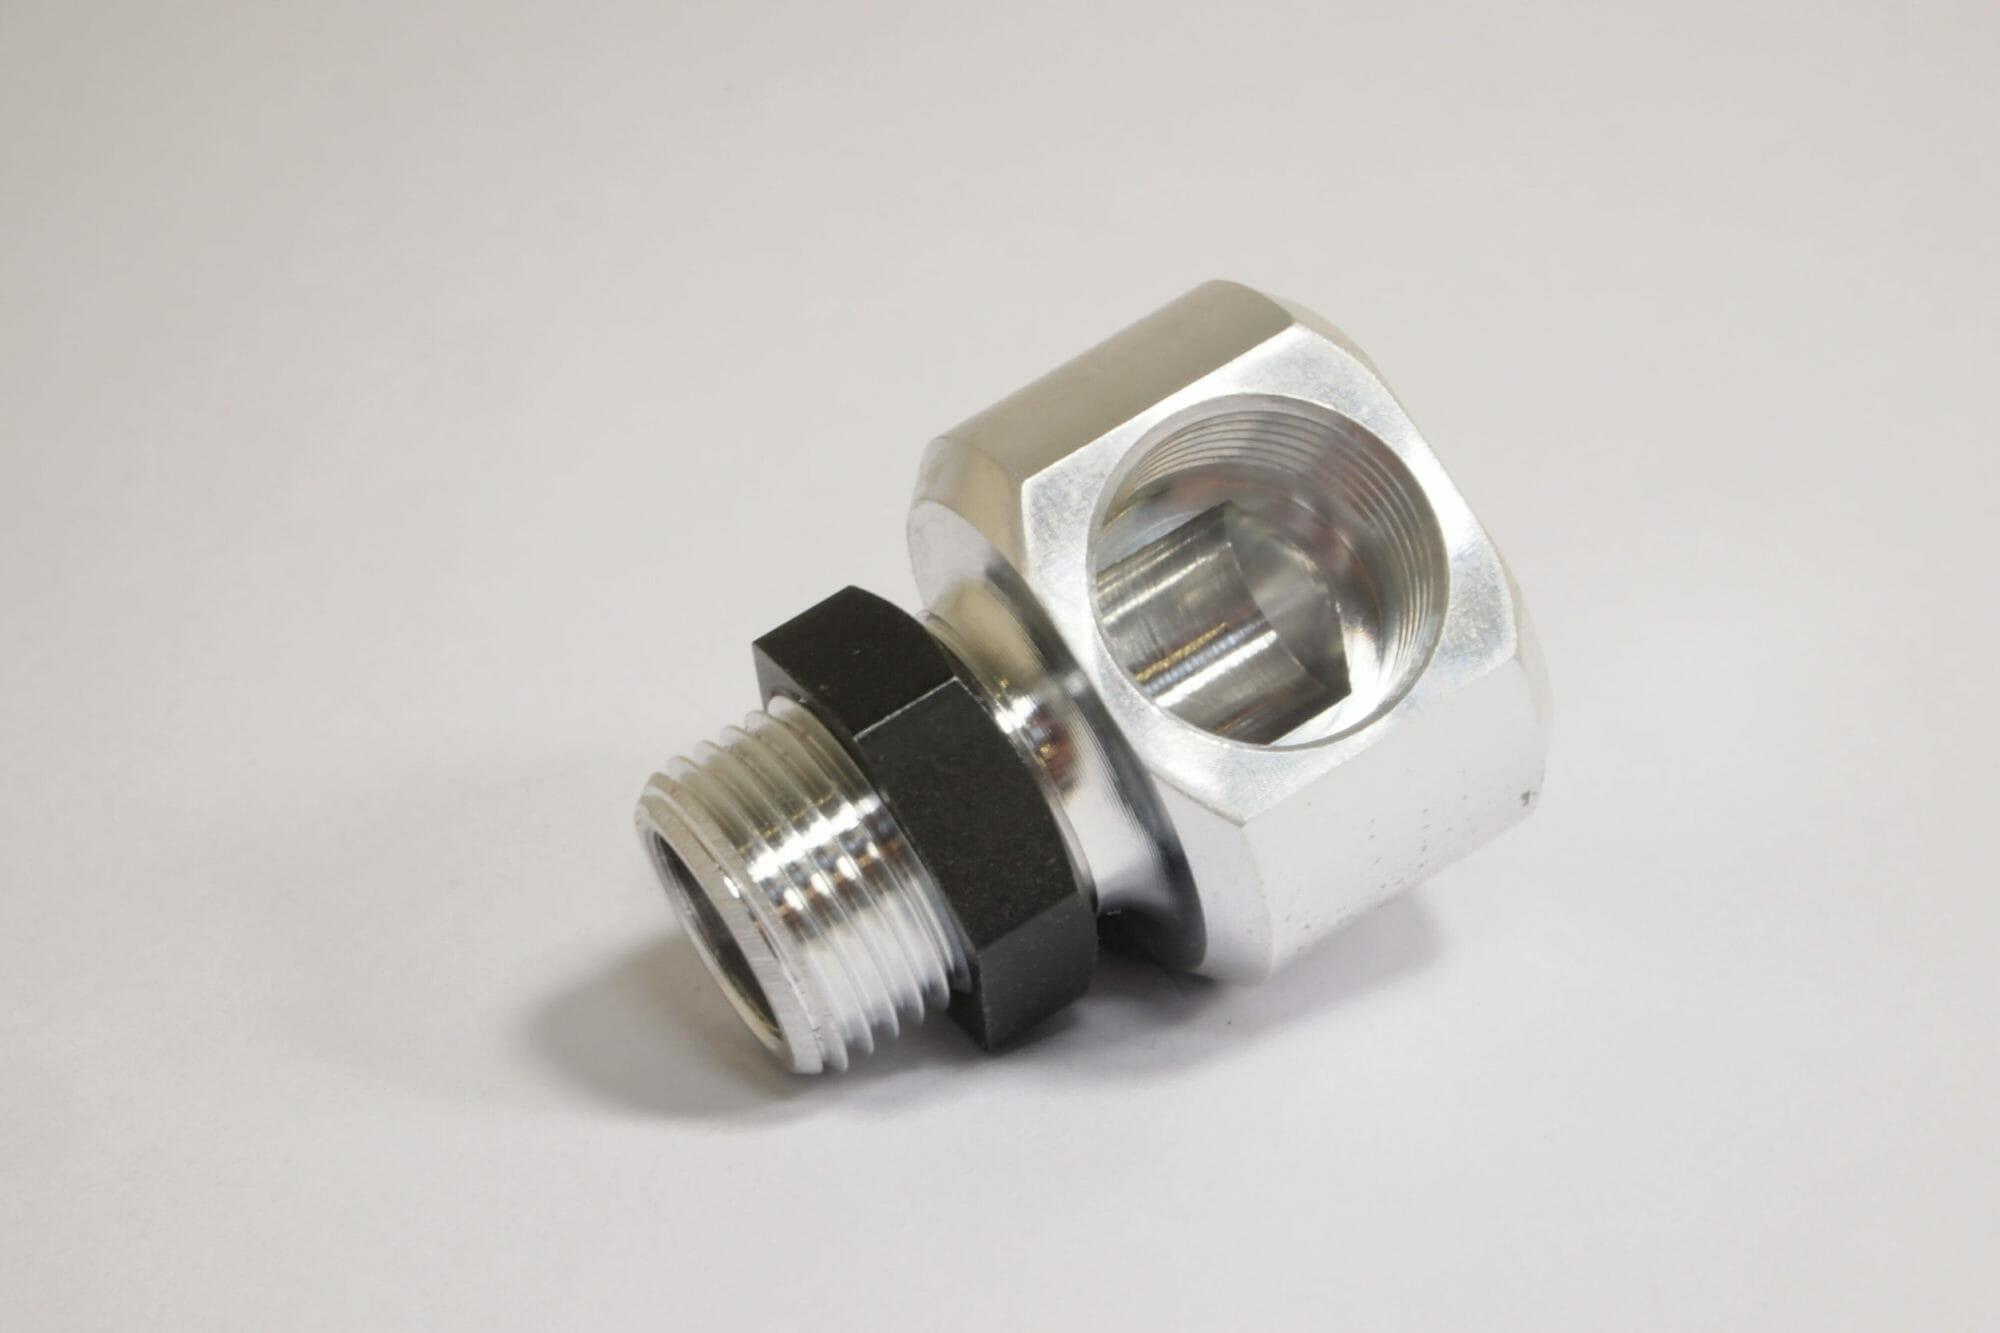 RC Specialties Exhaust Adapters